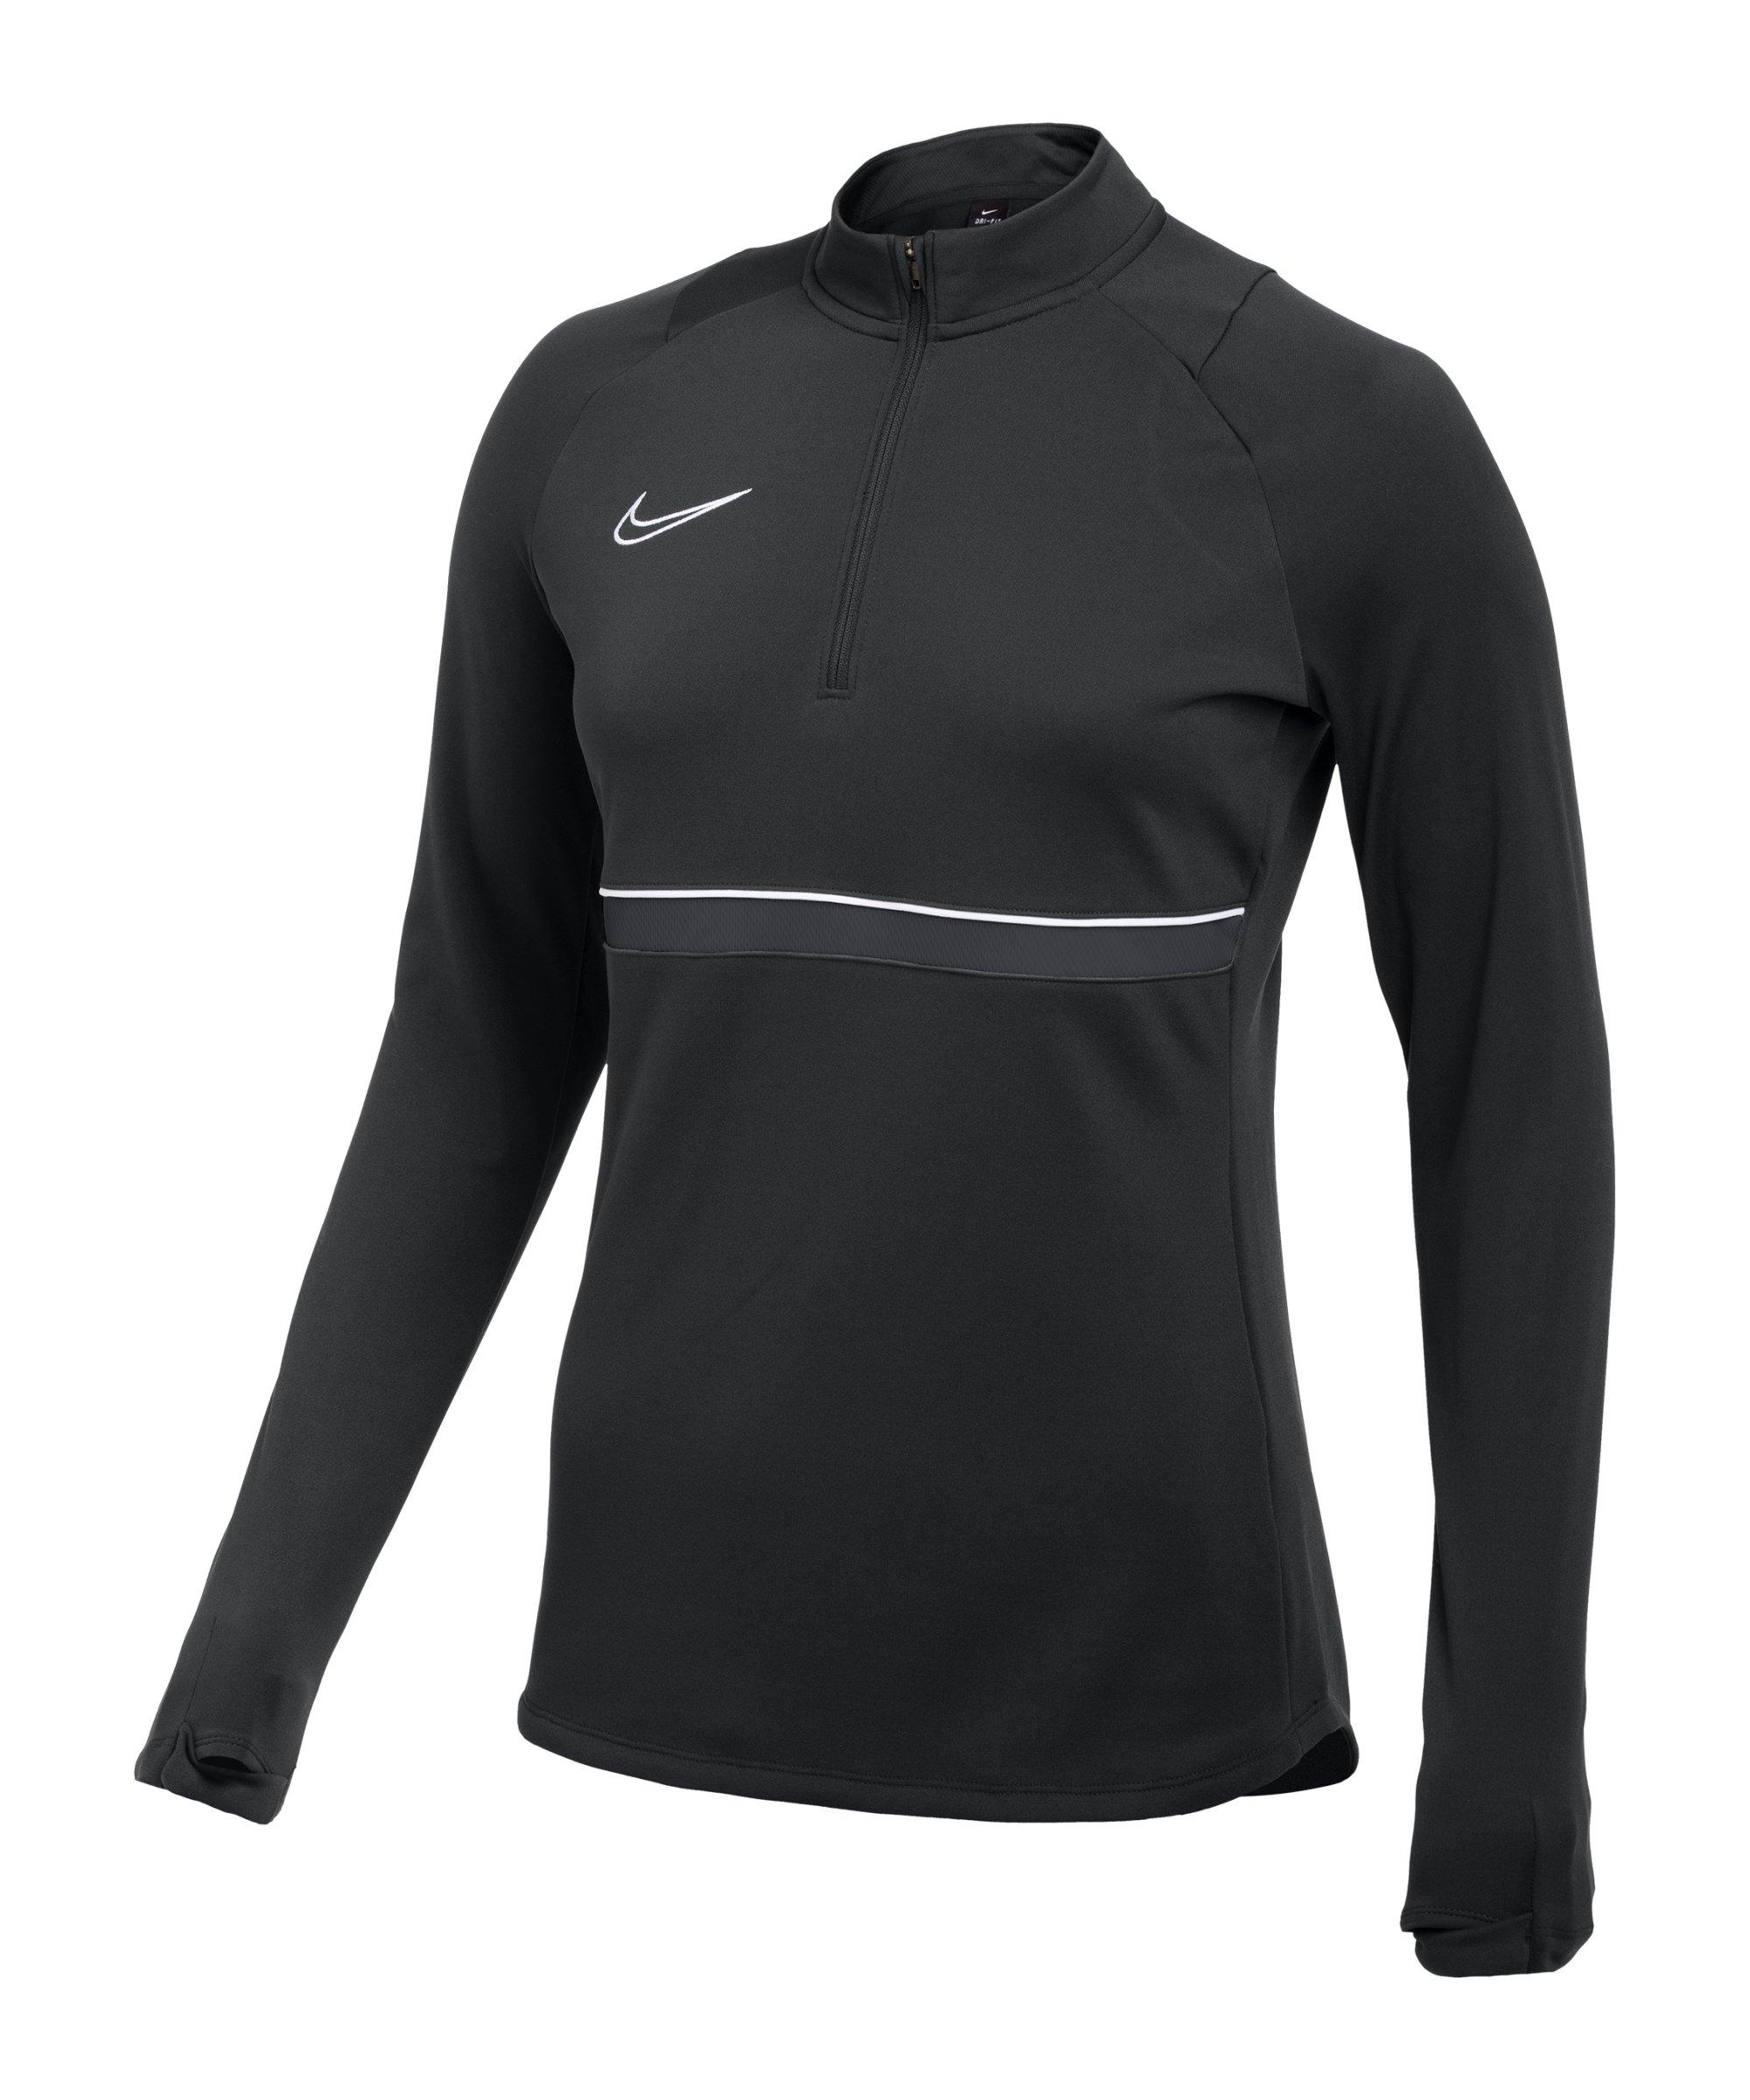 Nike Academy 21 Drill Top Damen Schwarz Weiss F014 - schwarz